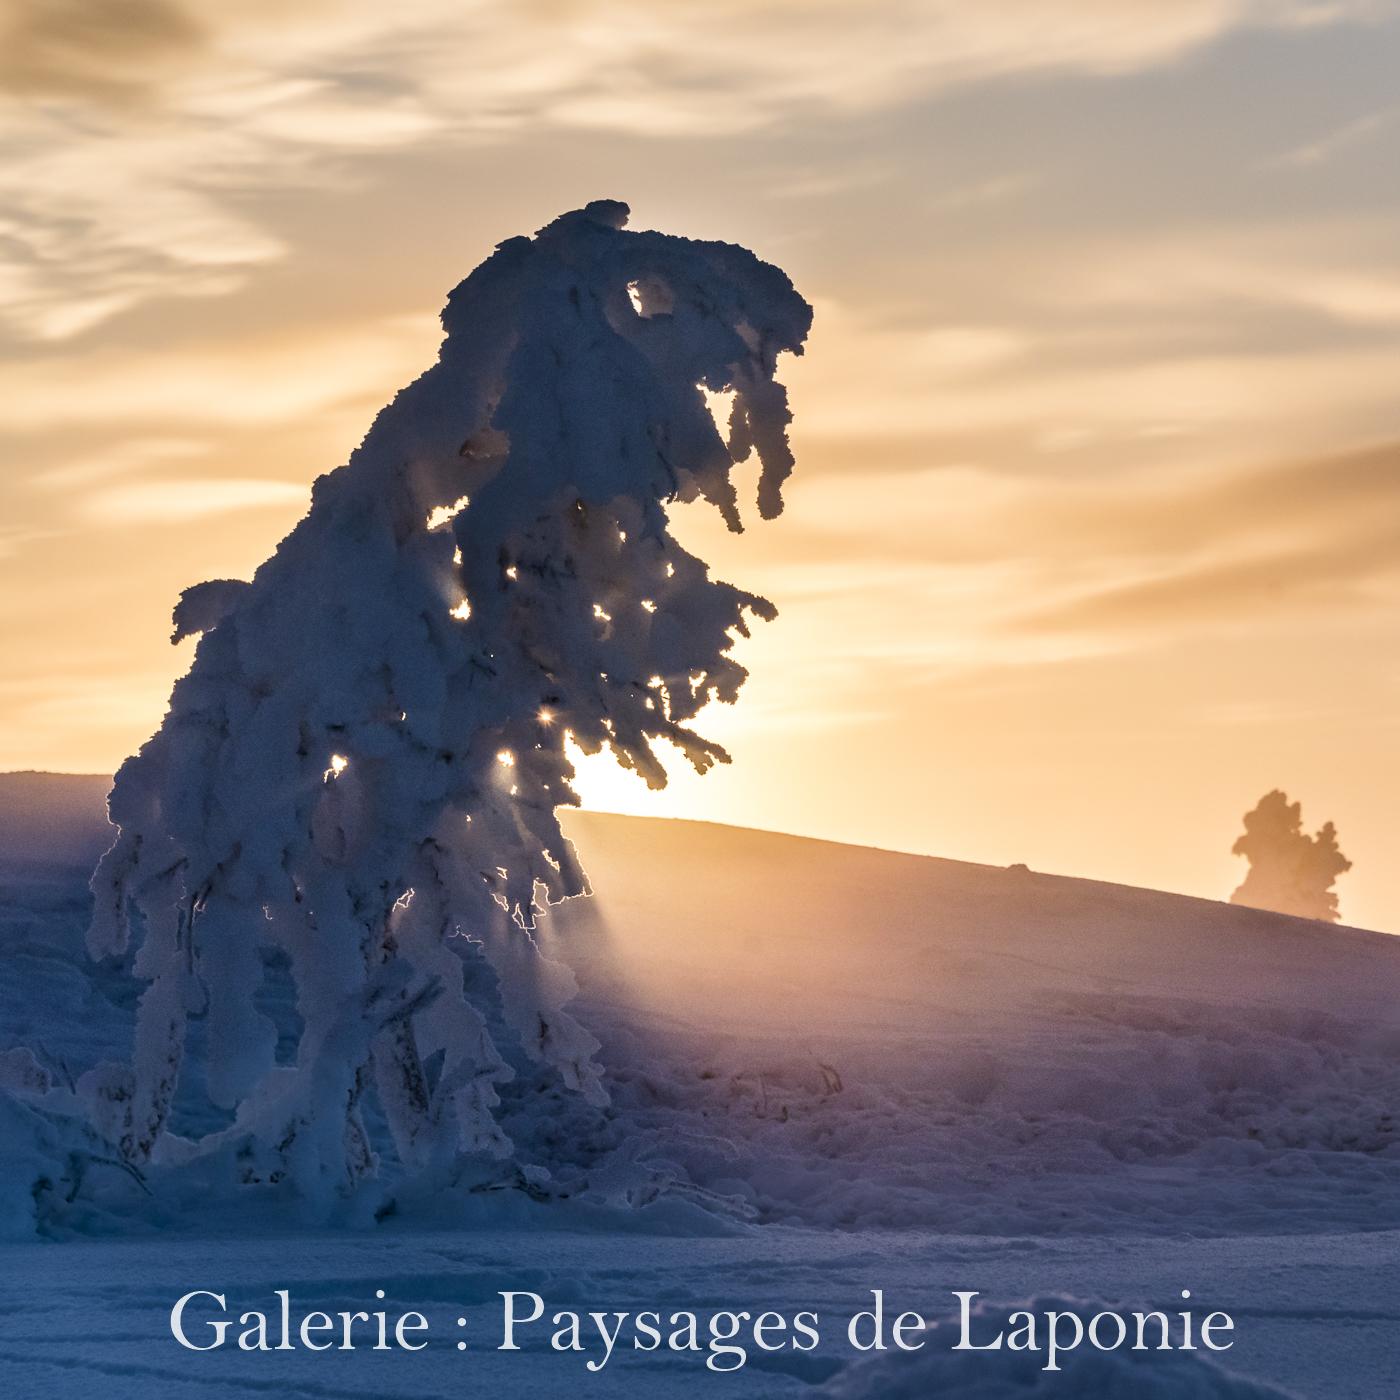 Cliquez ici pour accéder à la galerie : Paysages de Laponie